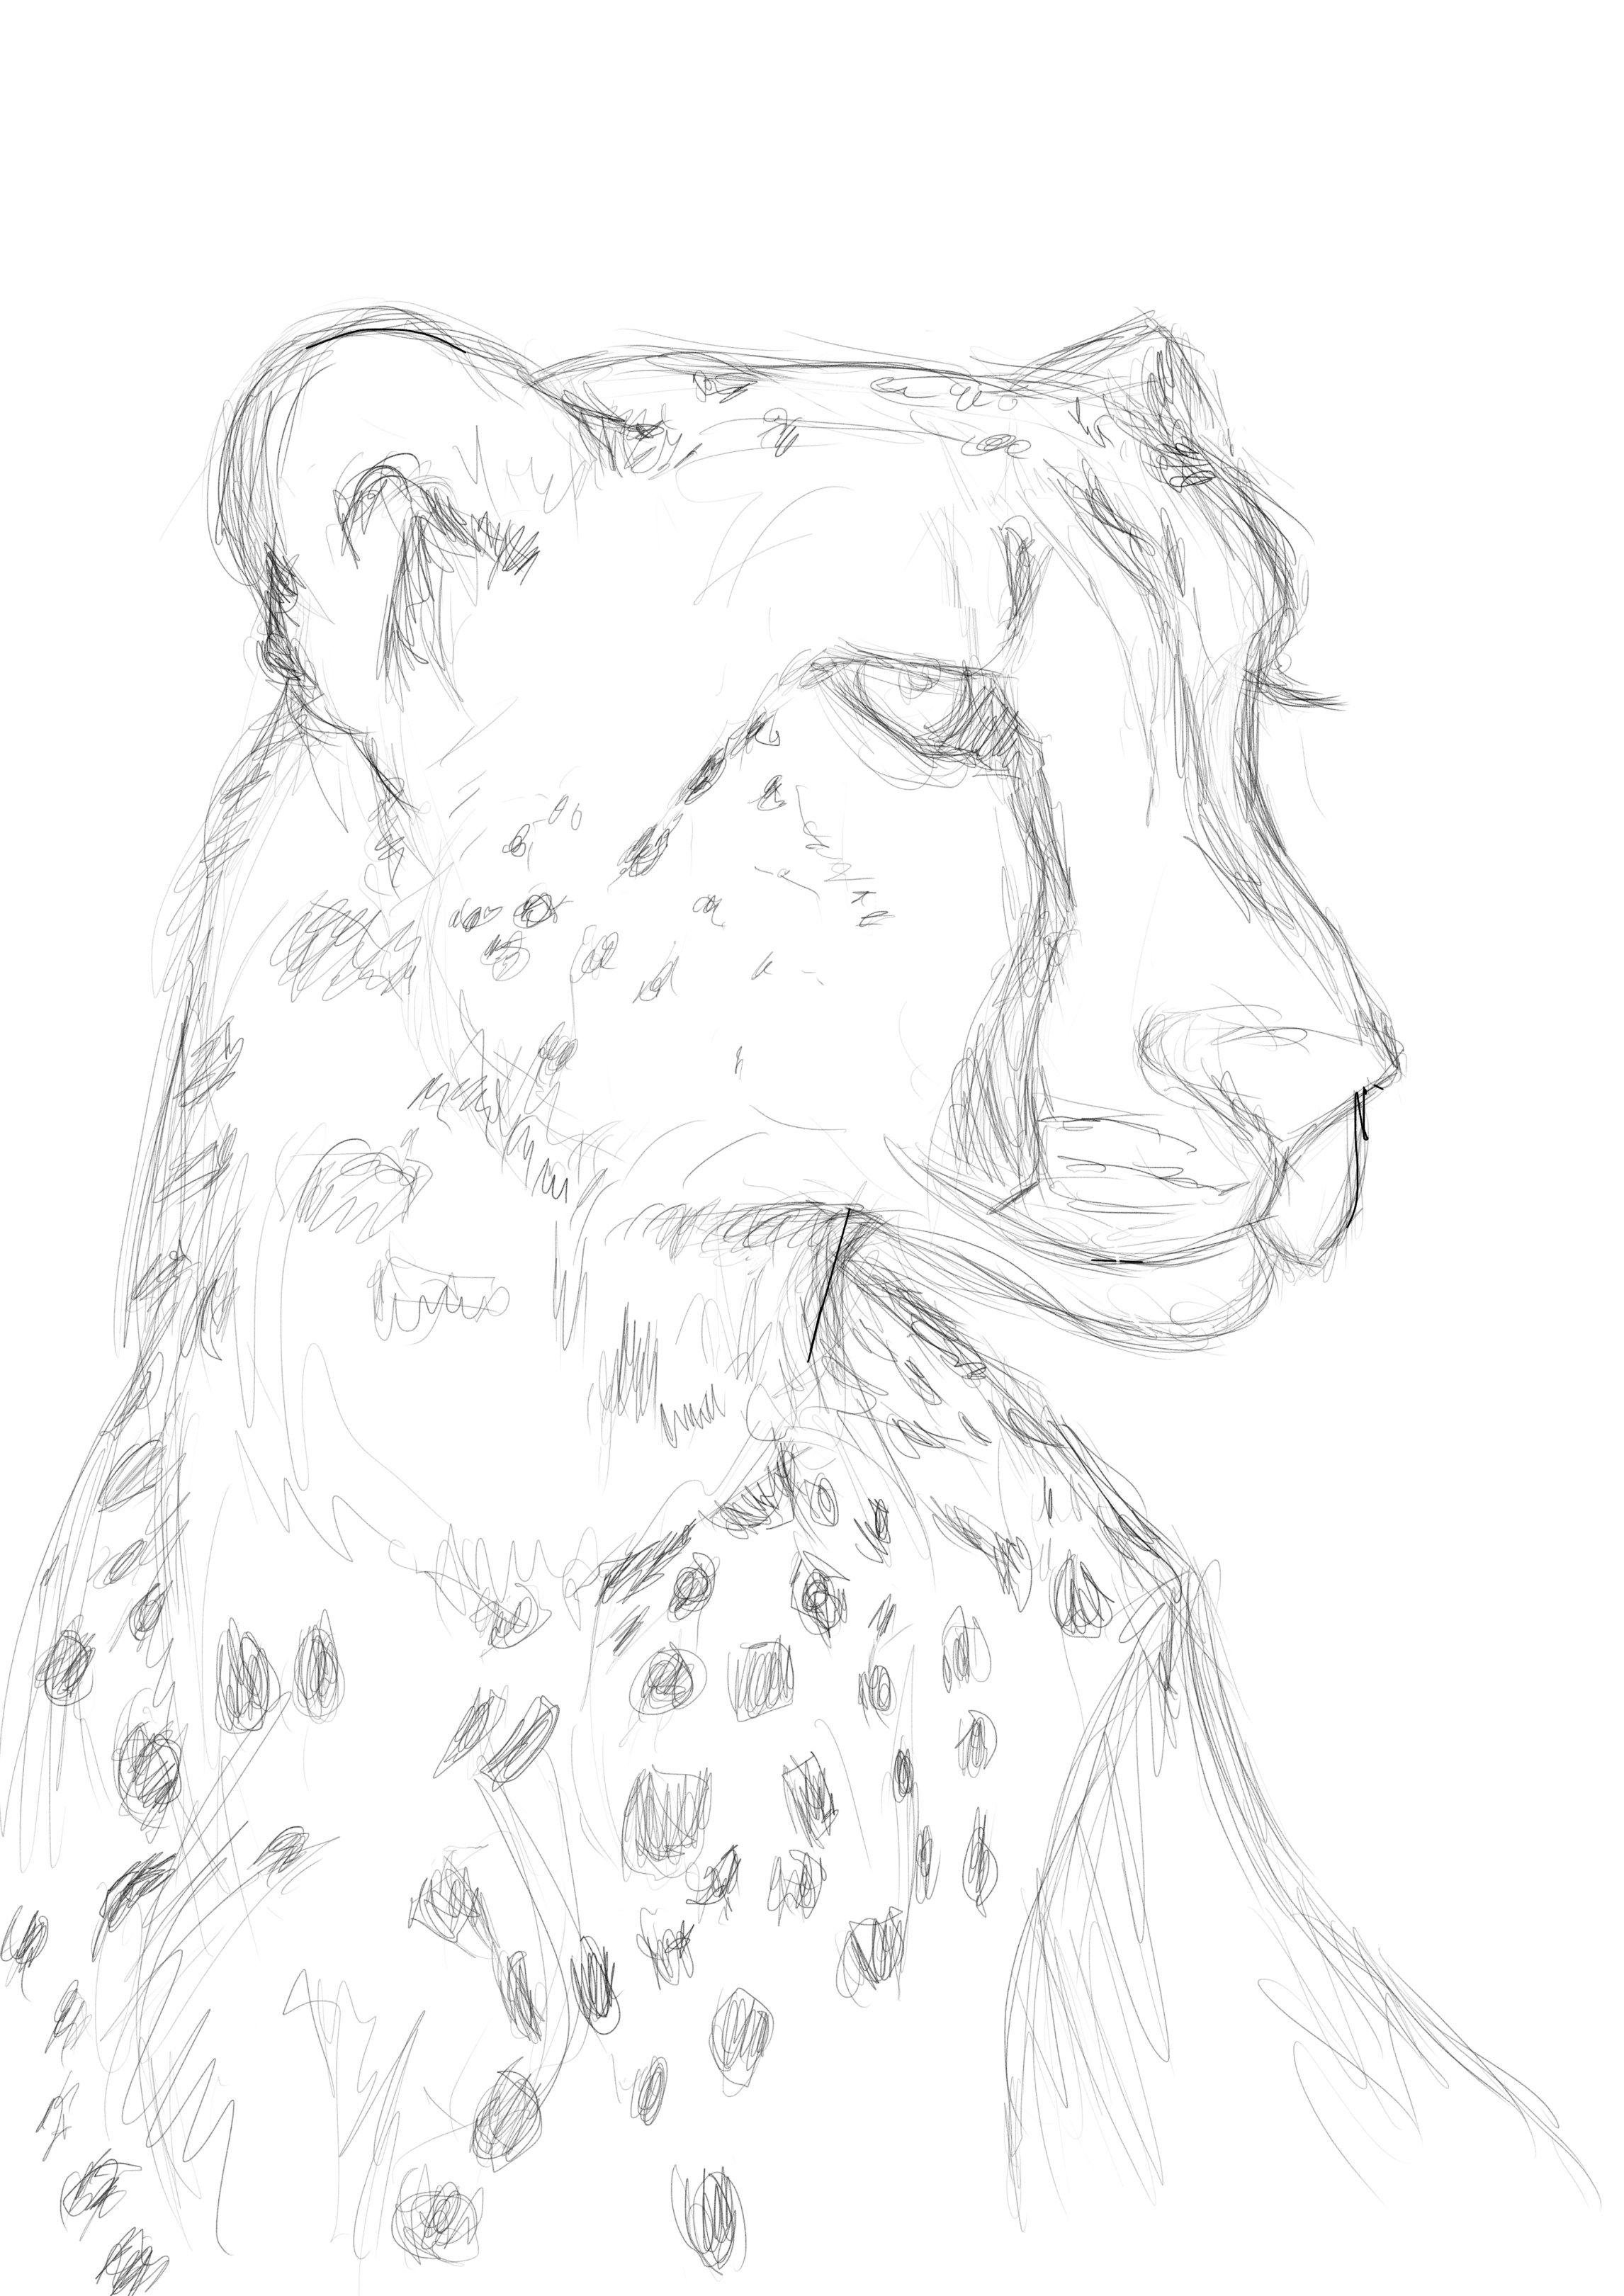 Cheetah Rough Sketch Karakalem Resim Pencil Drawing In 2019